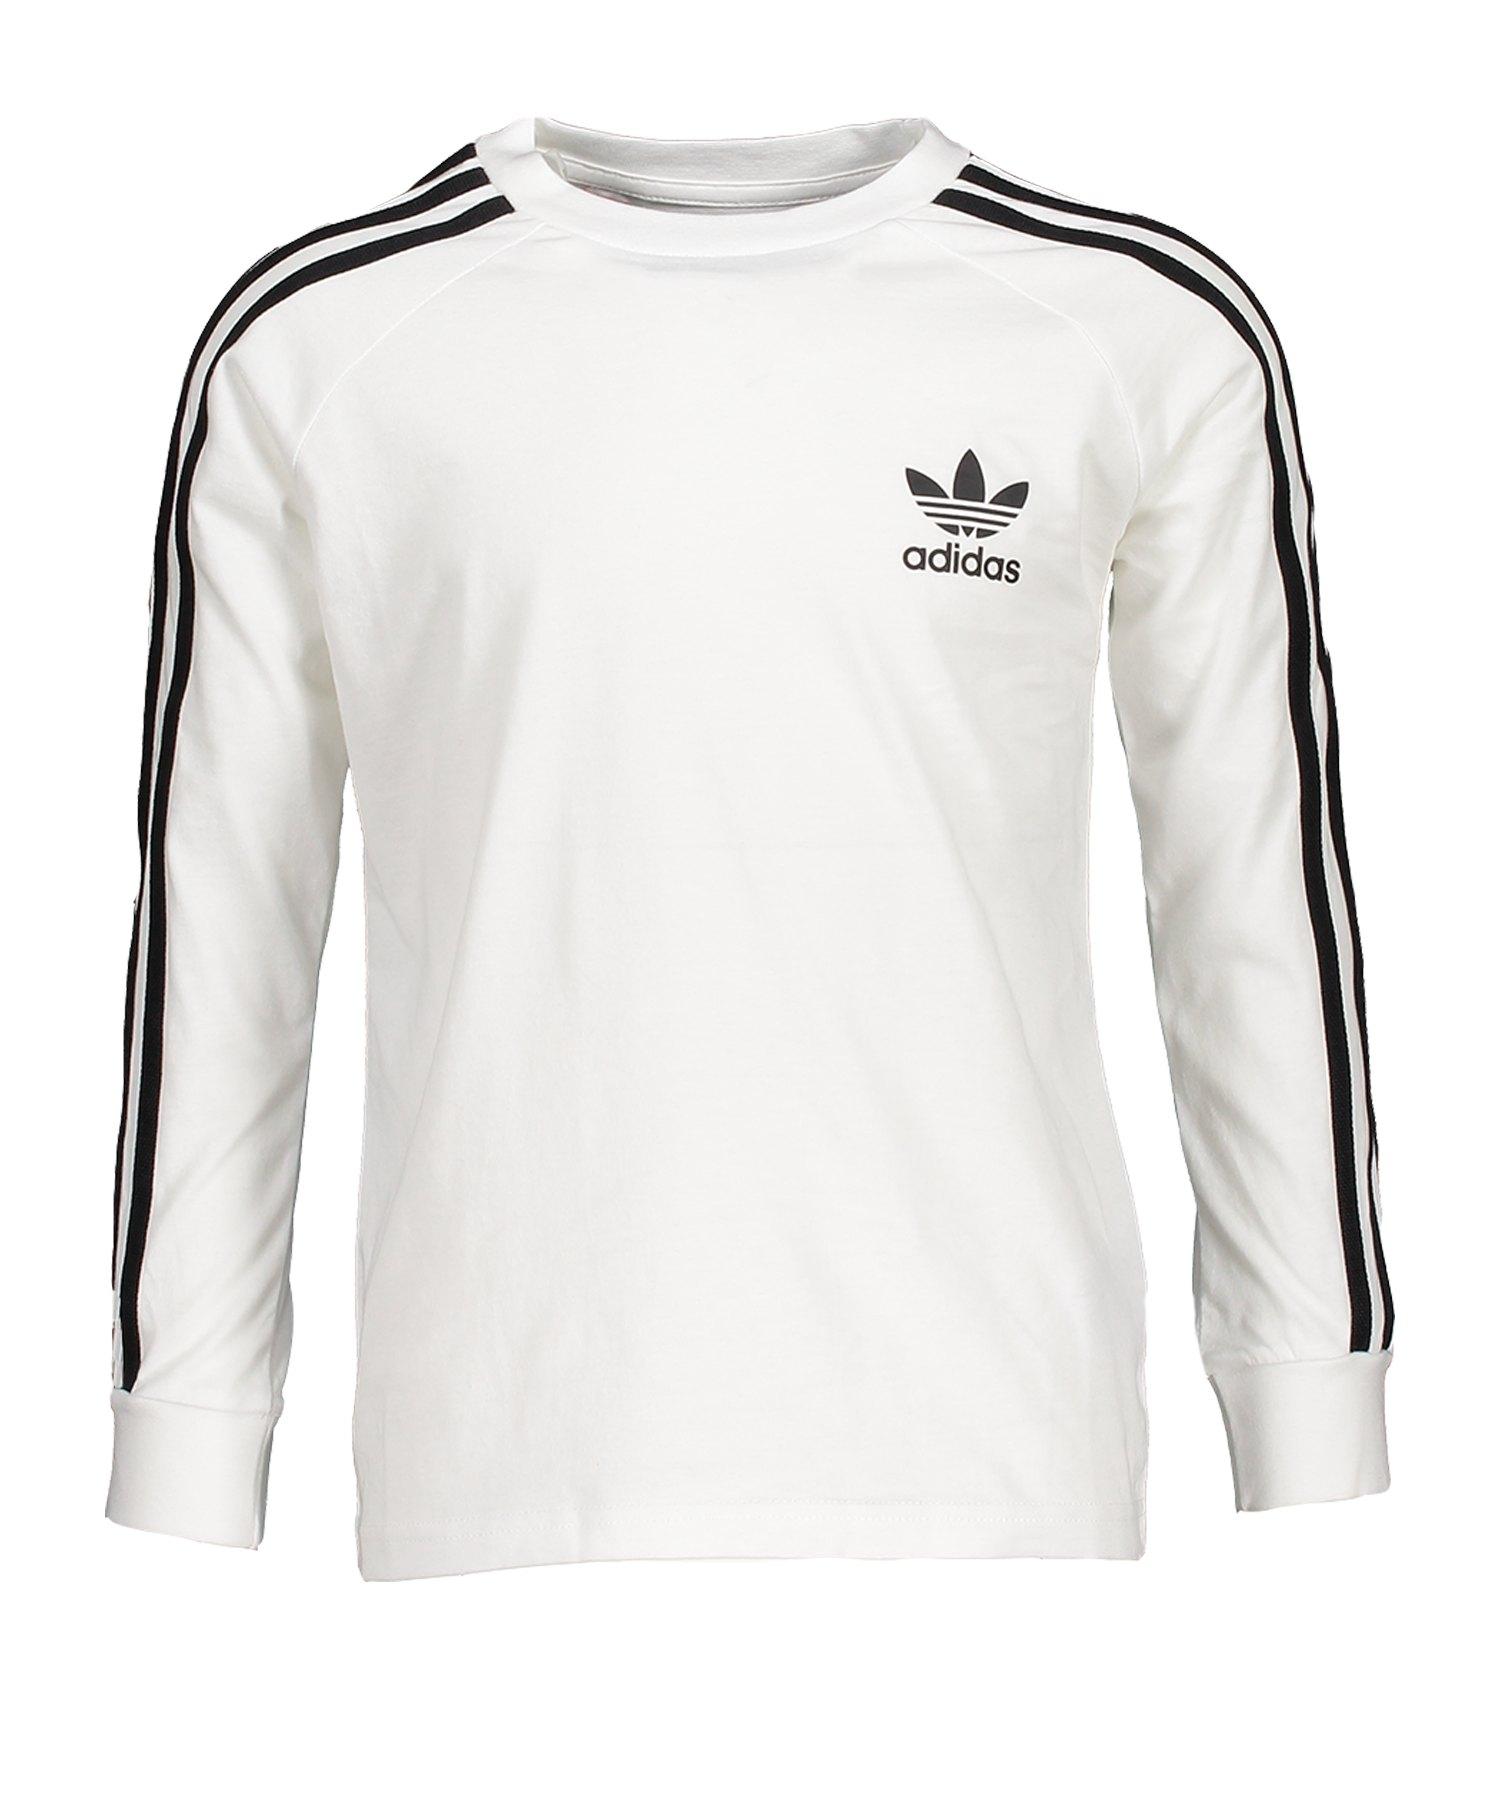 adidas Originals 3 Stripes Sweatshirt Kids Weiss